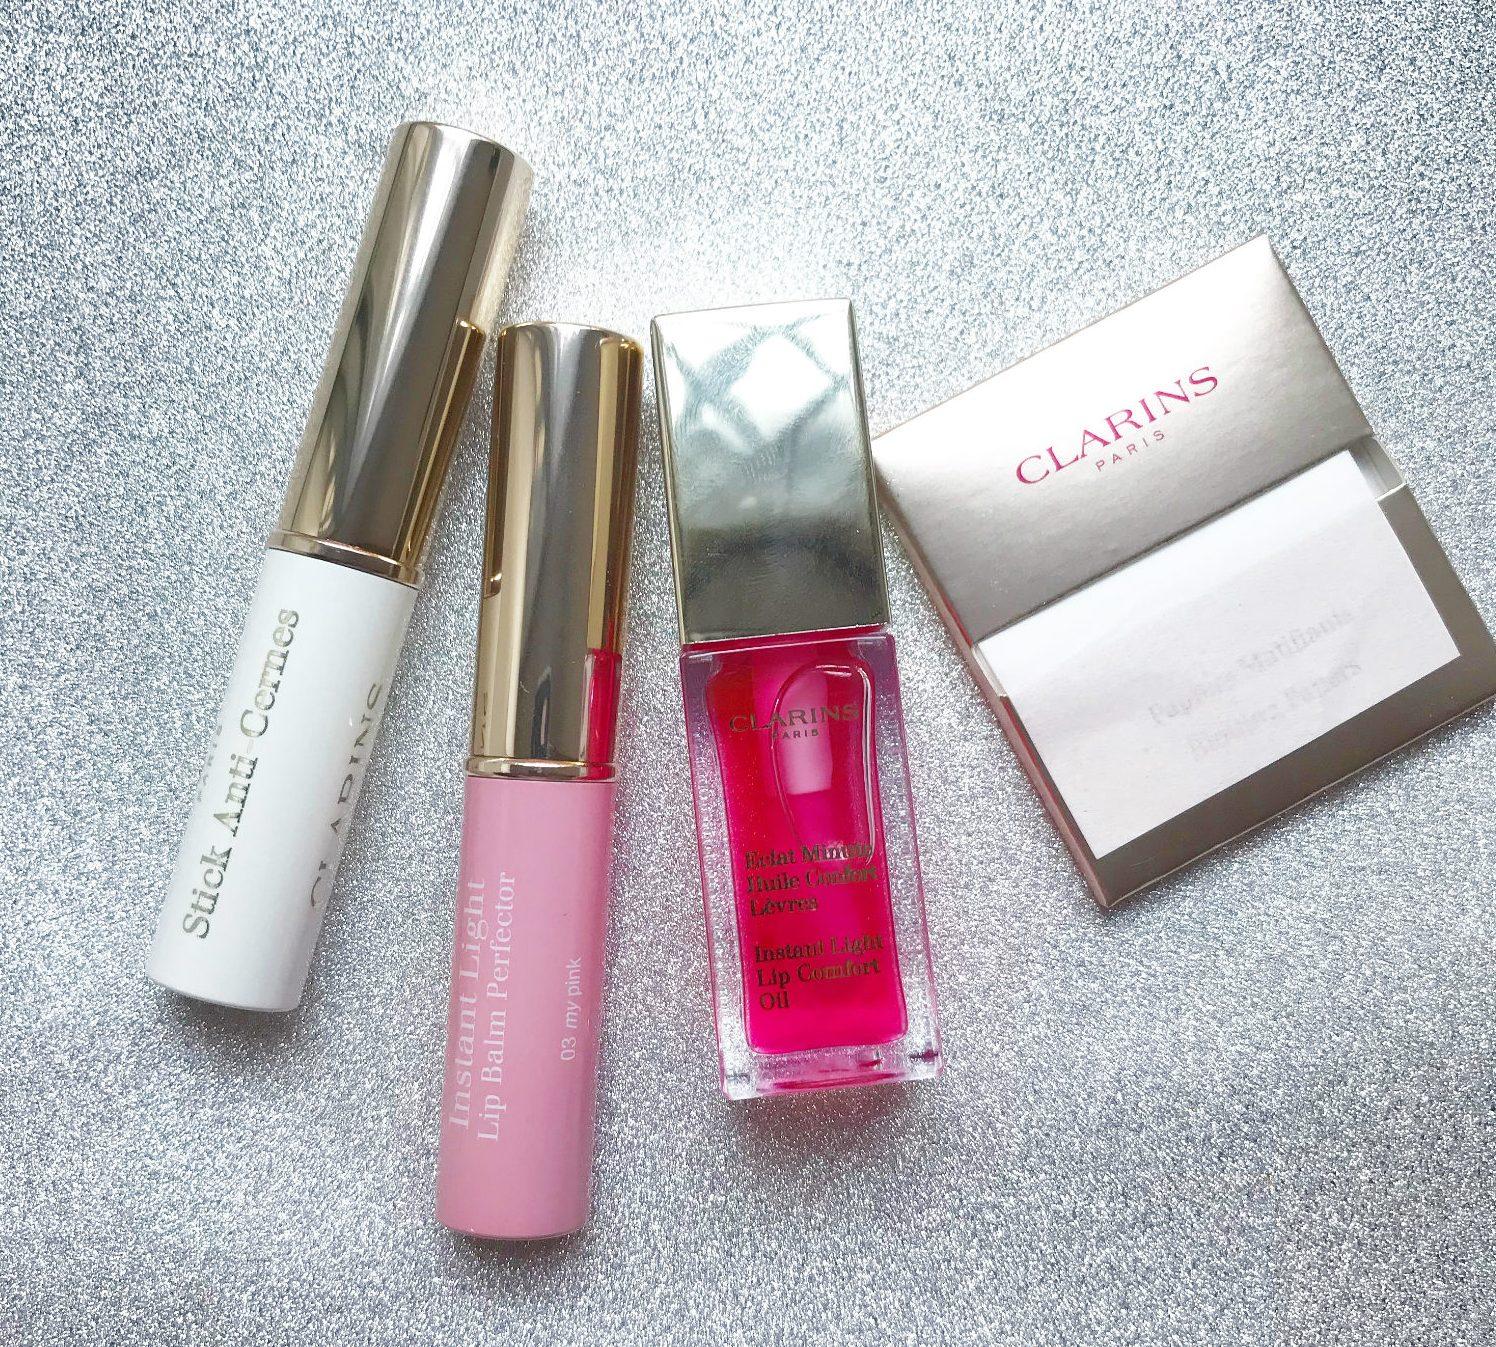 clarins, concealer, skønhedsprodukter, produkter, læbepomade, læbeolie, lip balm perfector, blotting paper